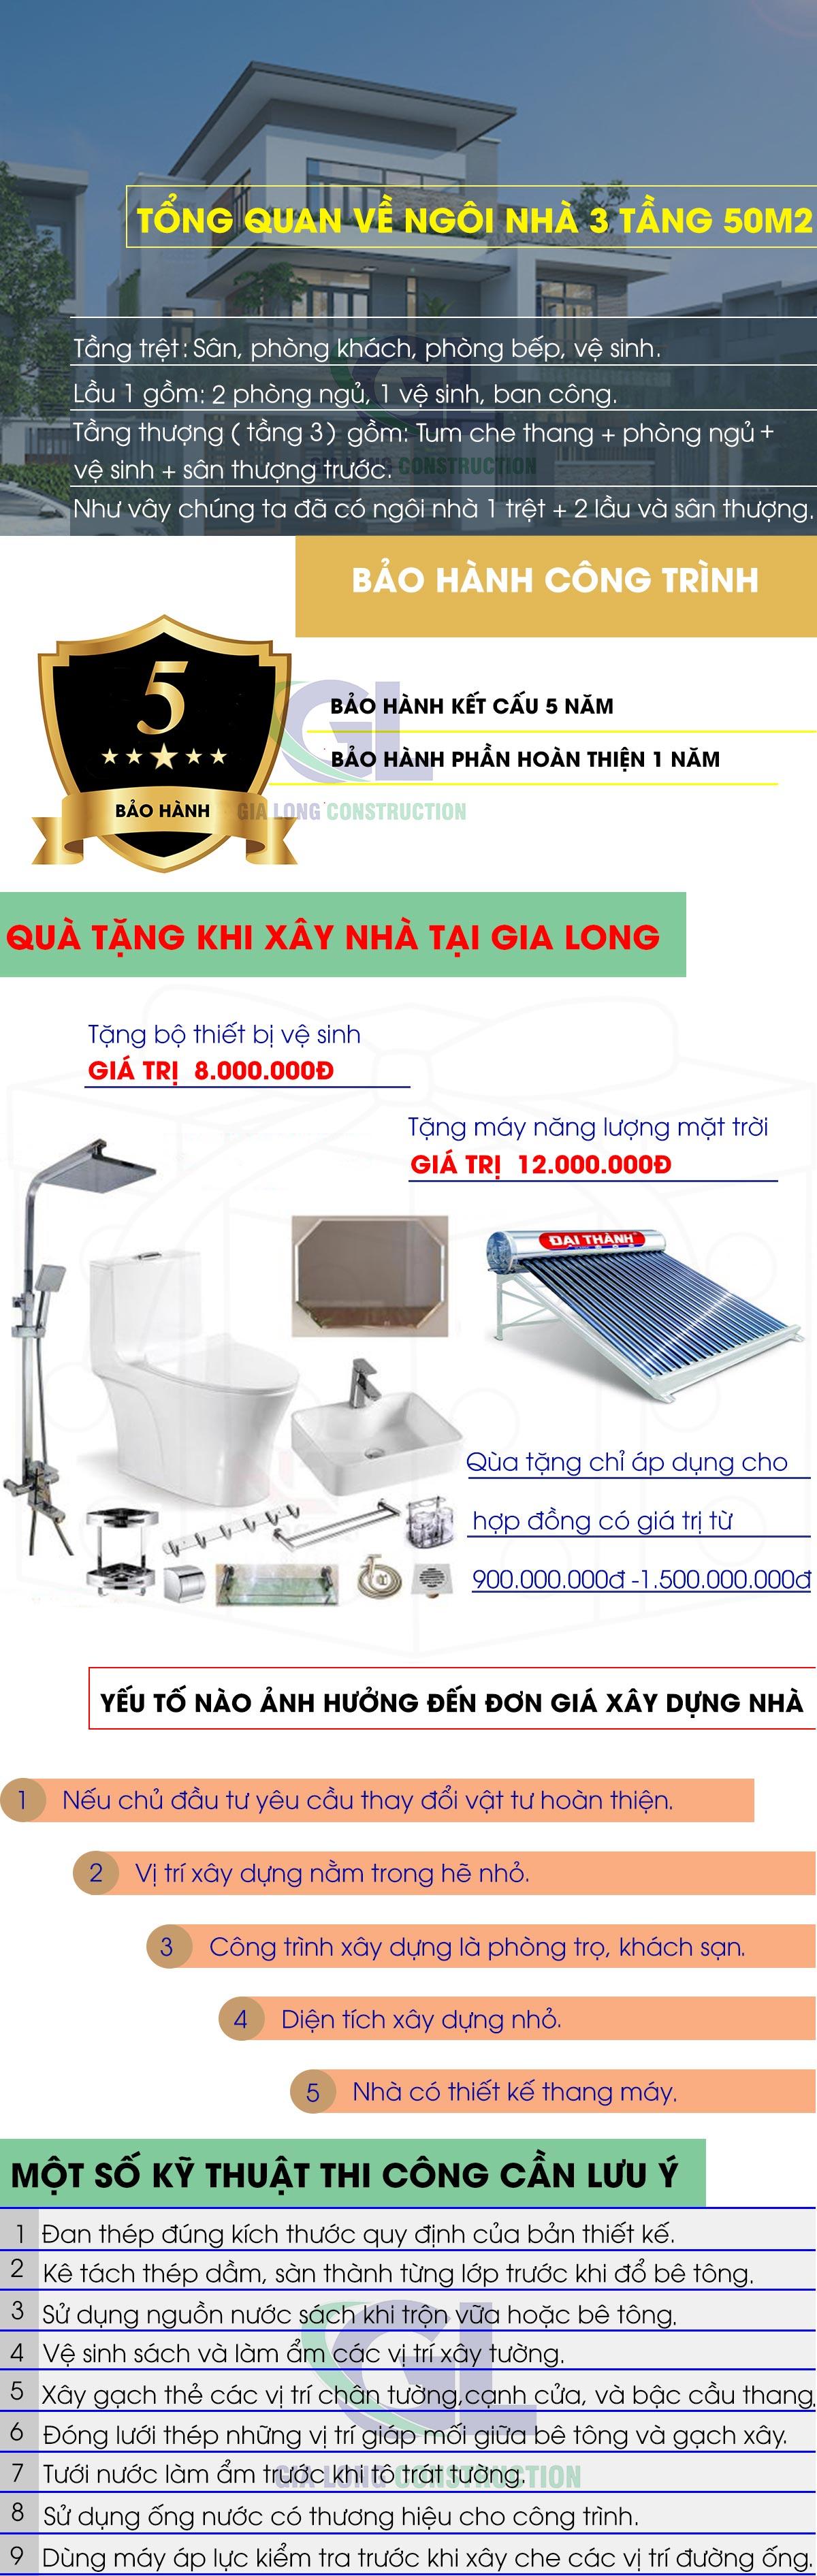 chi-phi-xay-dung-nha-3-tang-50-m2 02